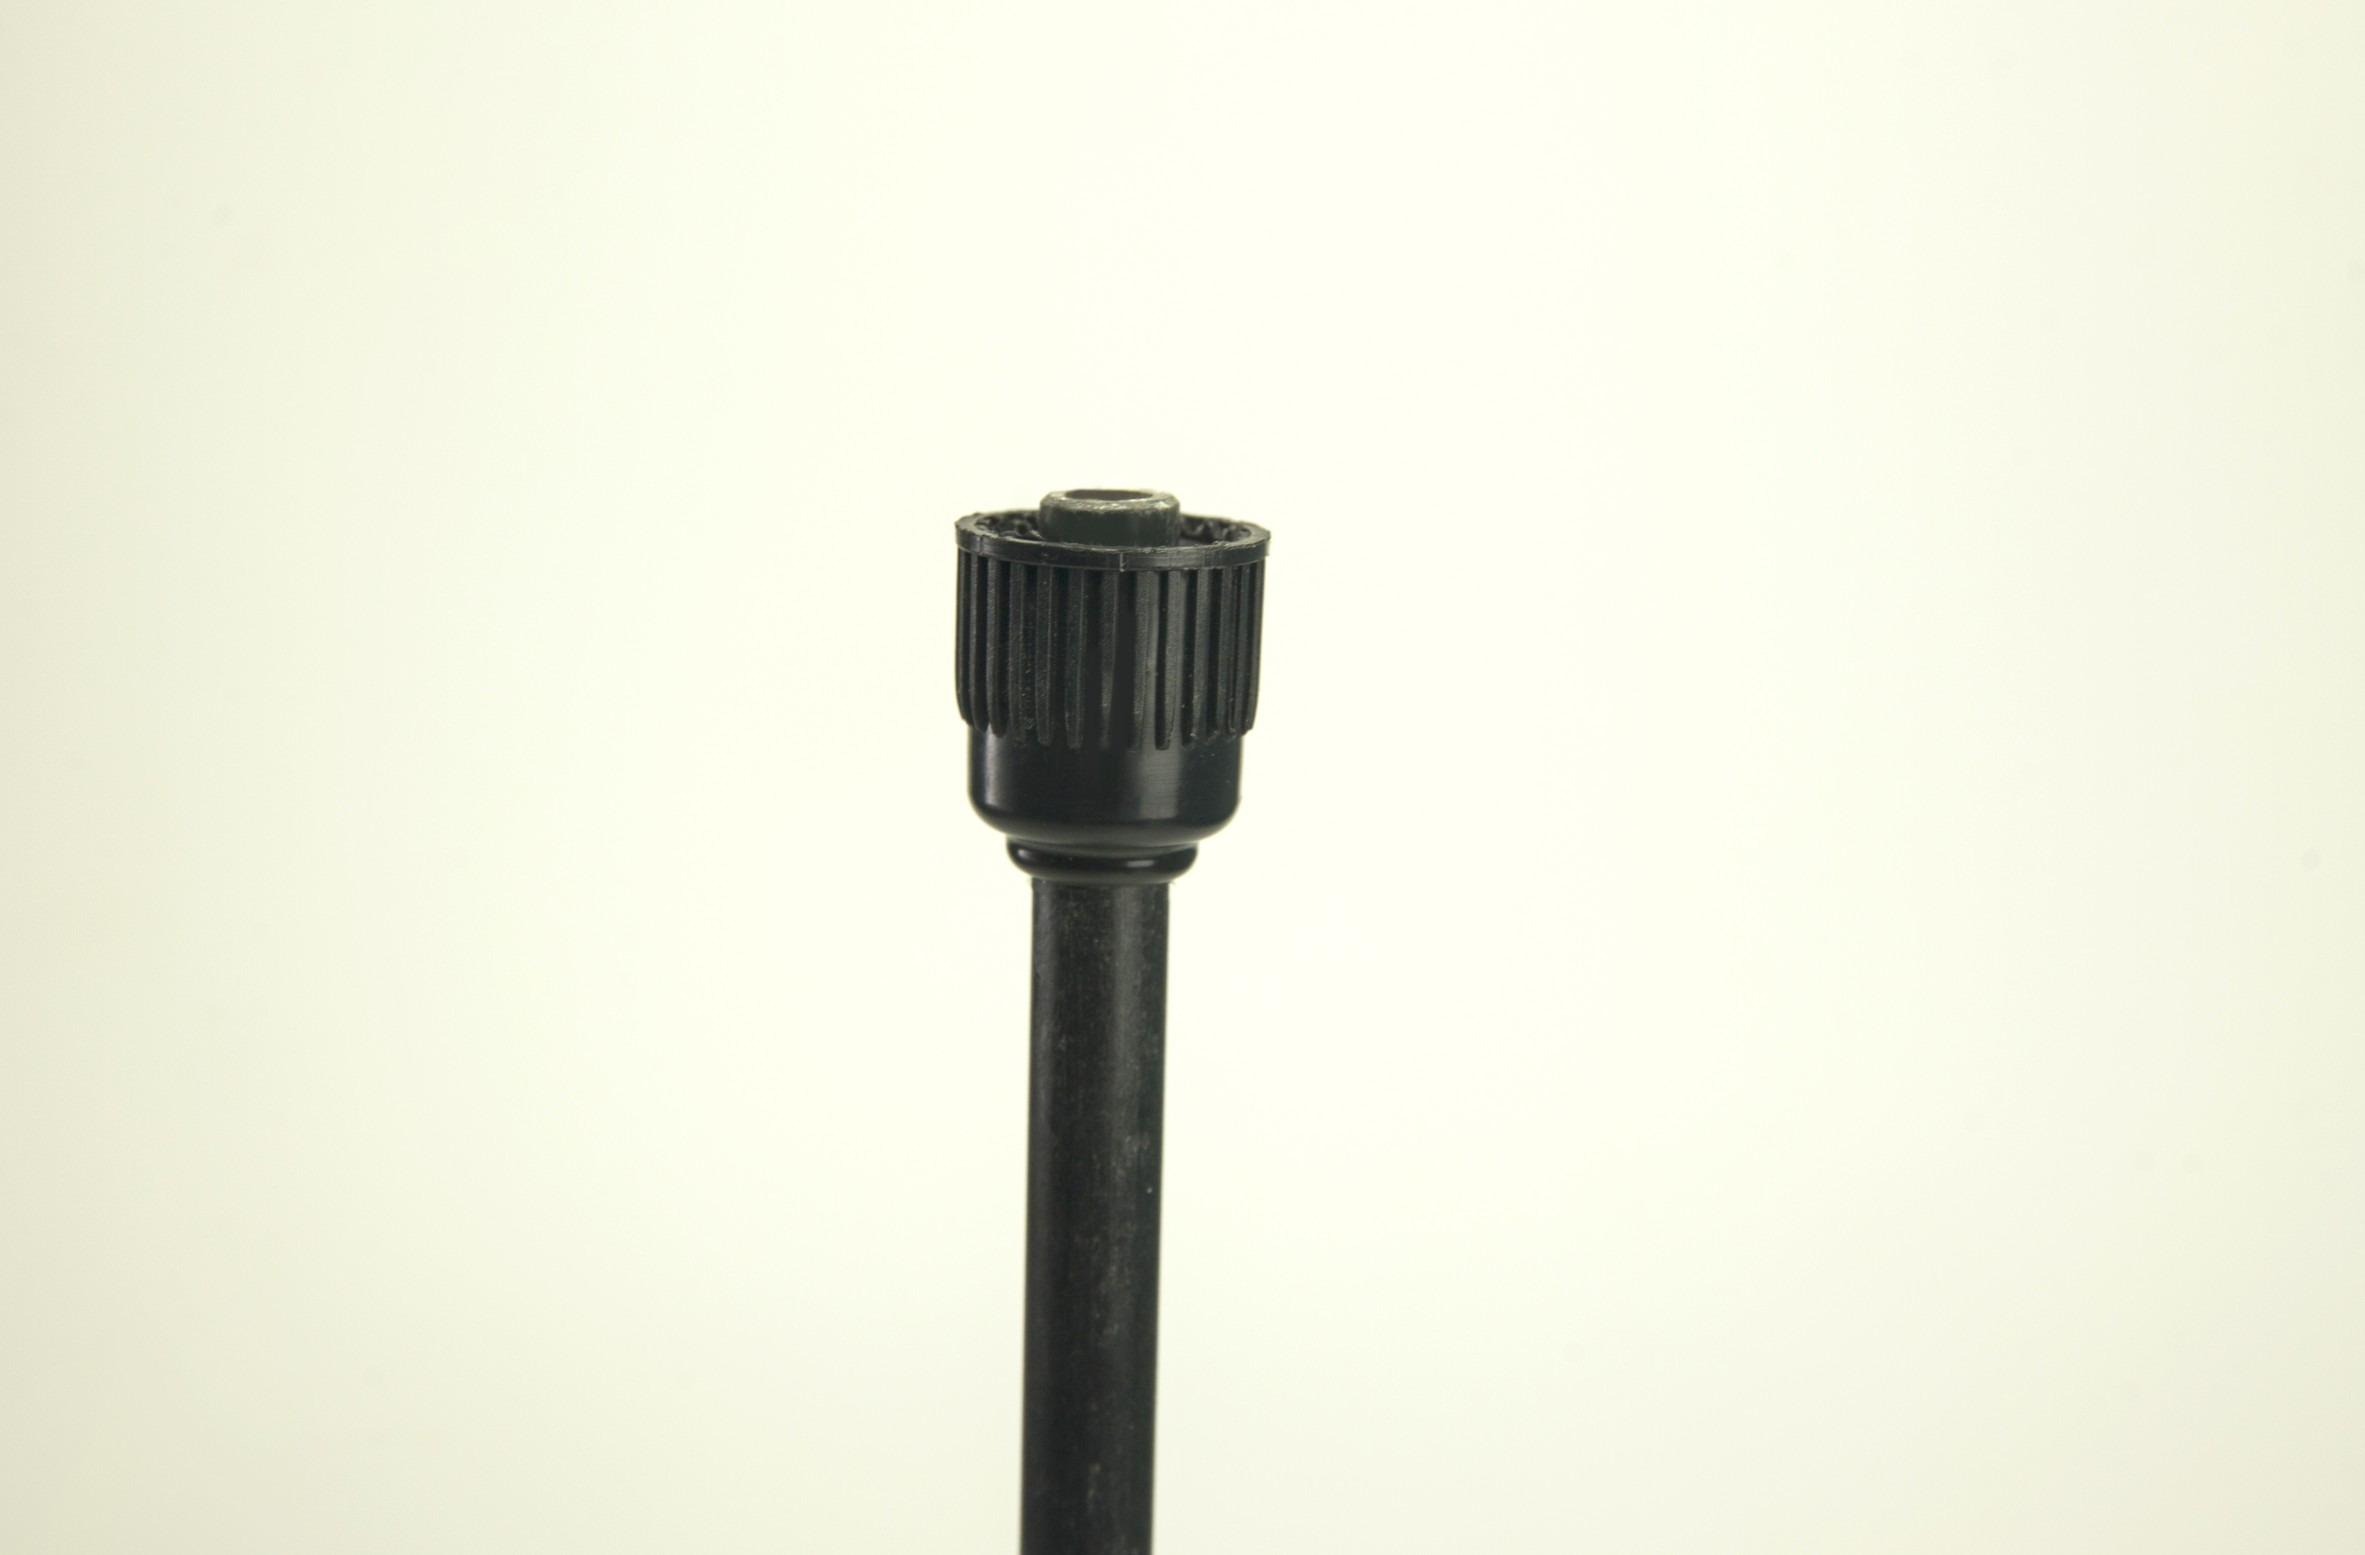 Repuesto de tubo de fibra de vidrío armado para bombas. Encuéntralo en PROTECNO